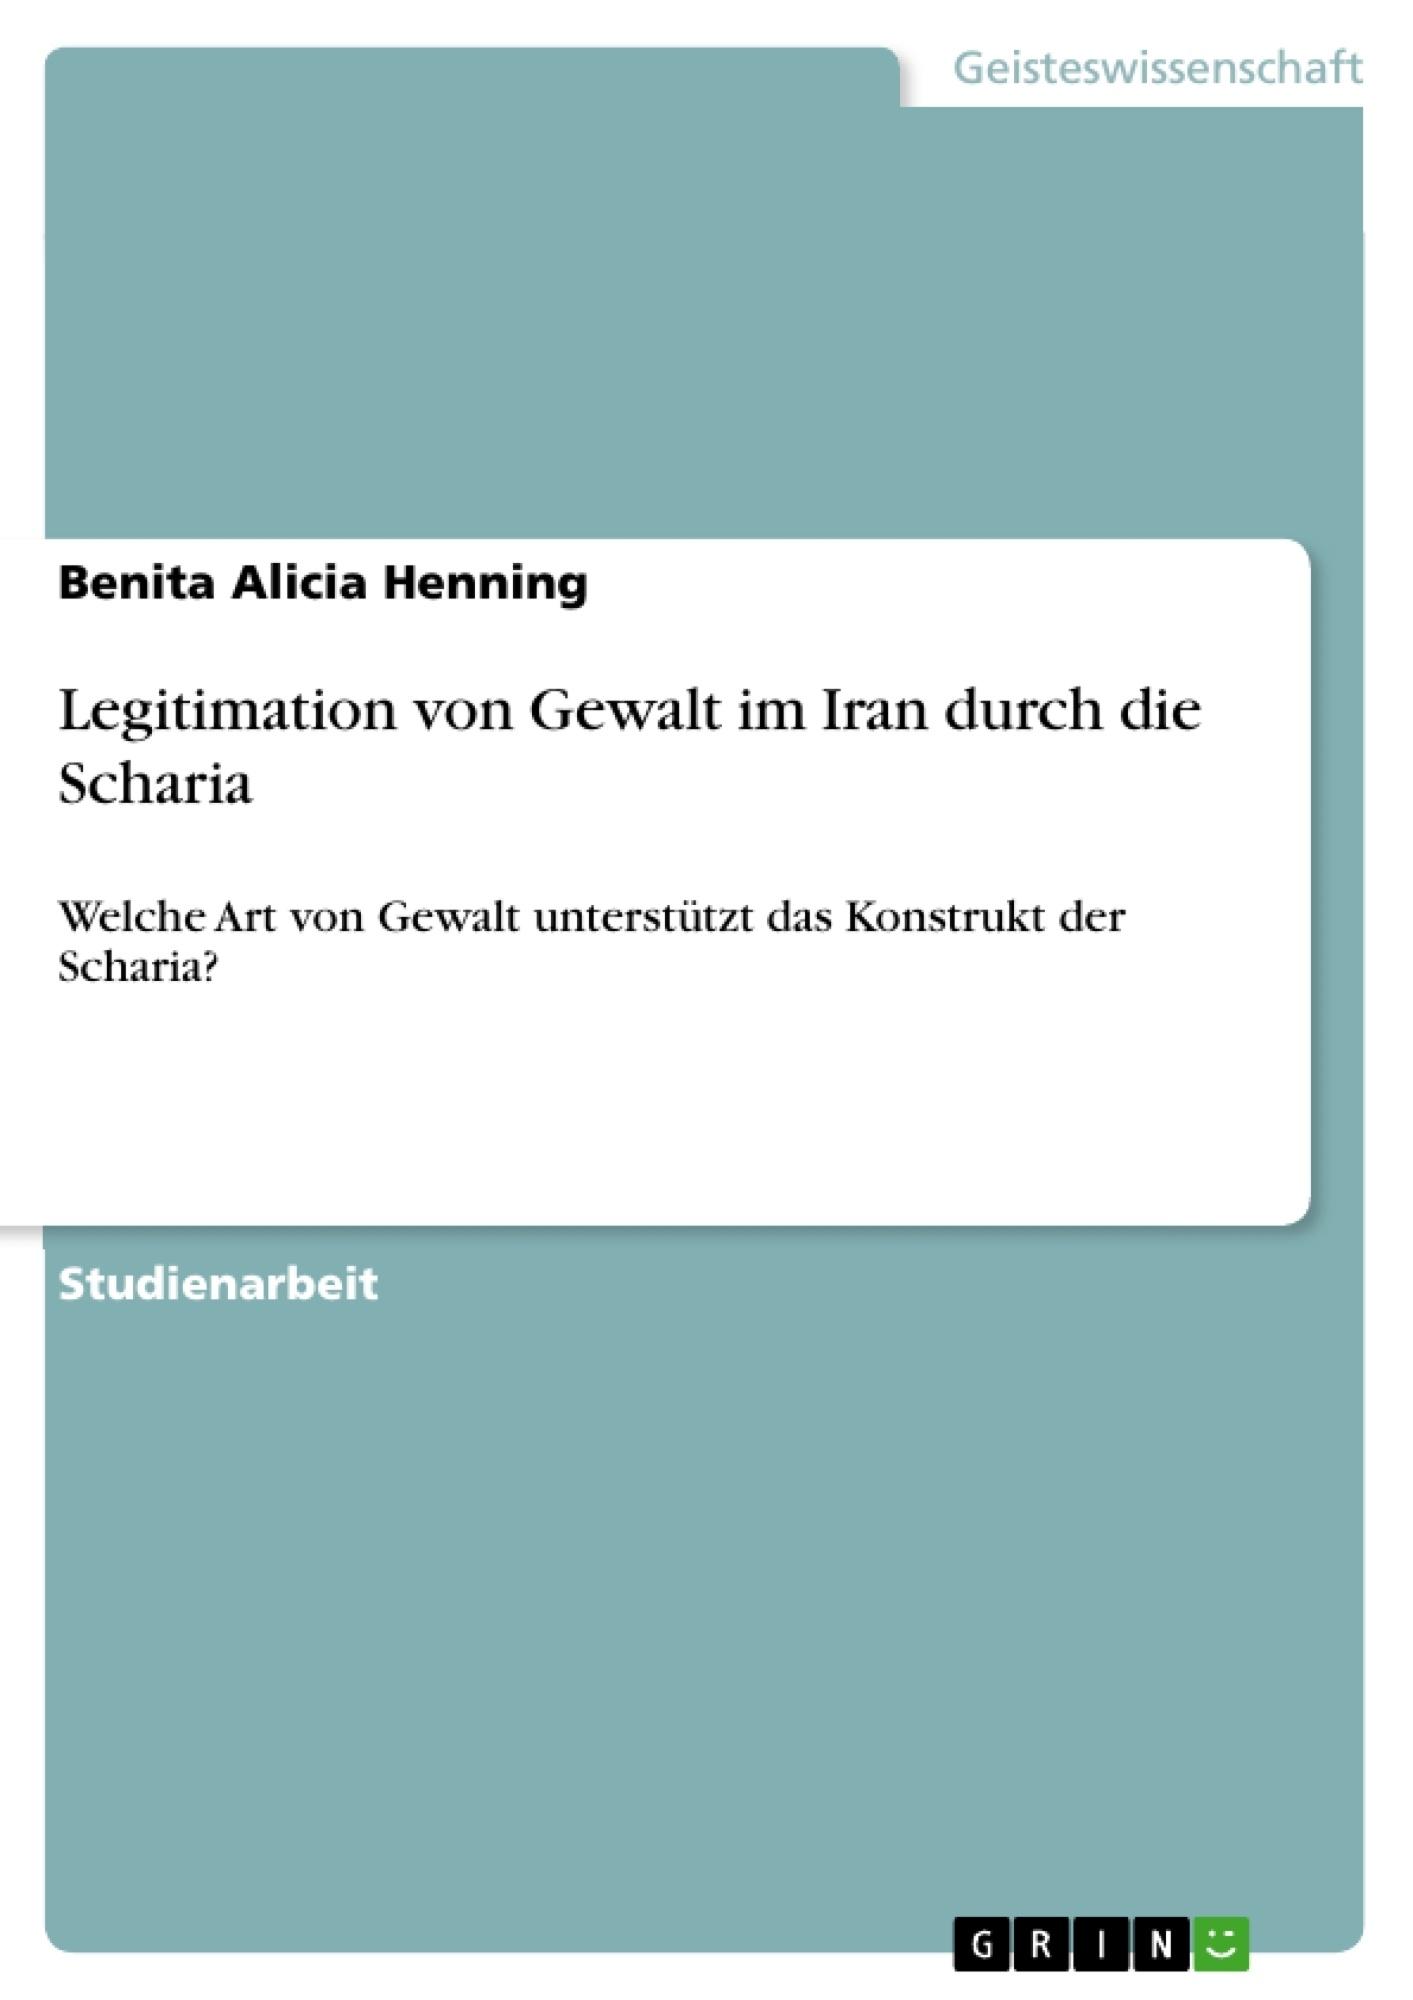 Titel: Legitimation von Gewalt im Iran durch die Scharia